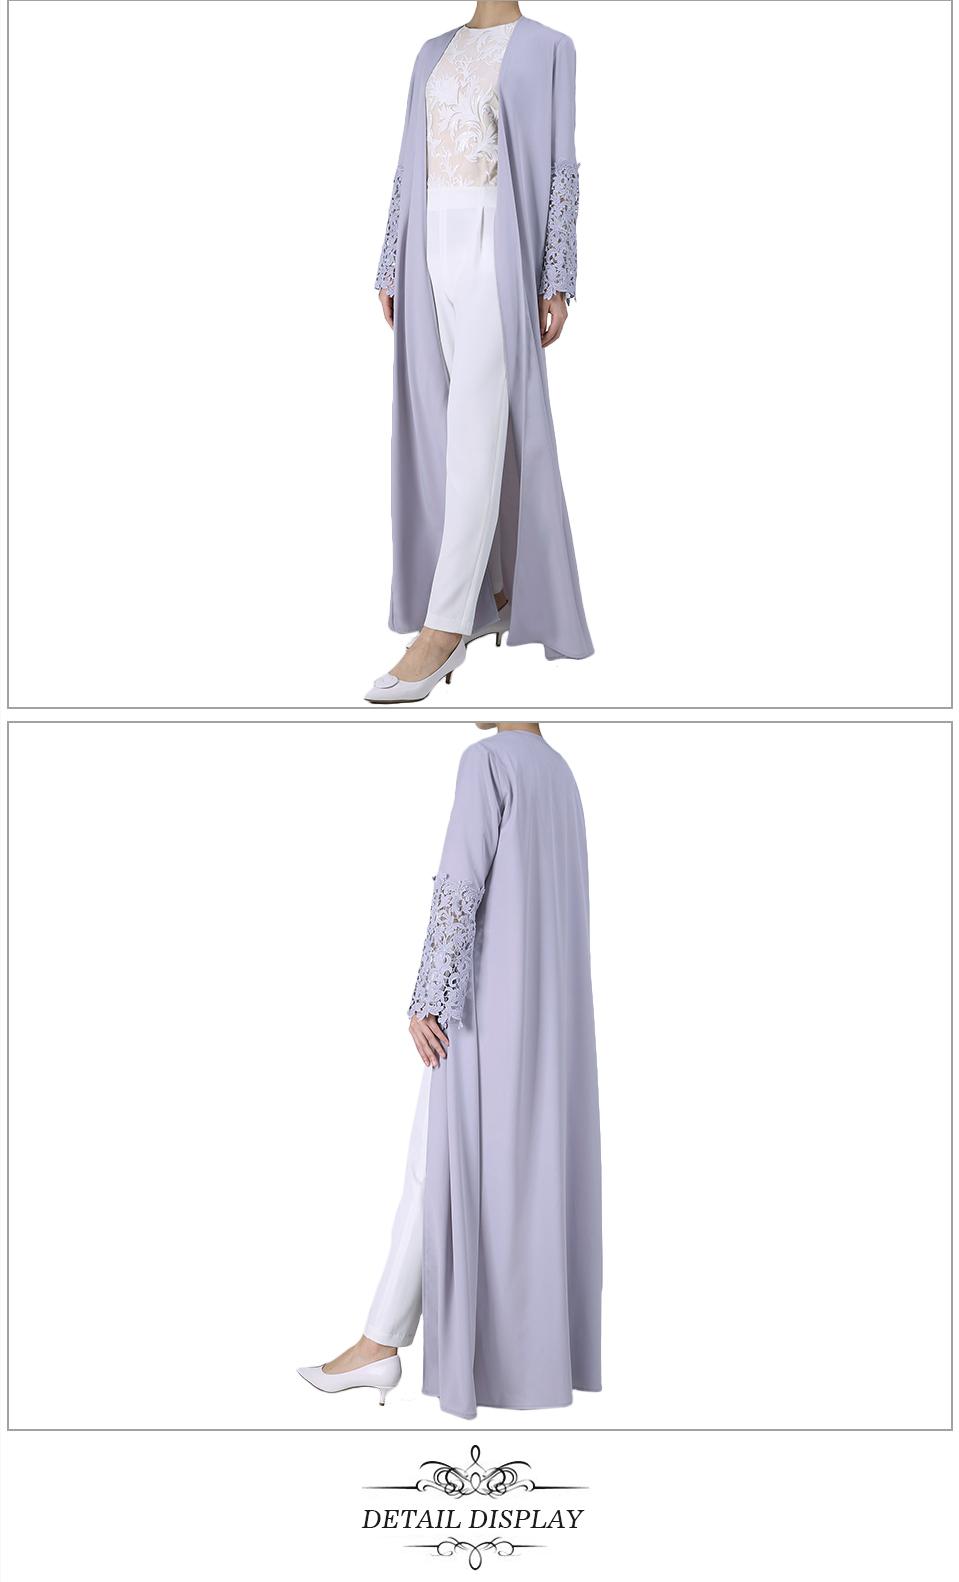 فلفل مطلق أجا turkish islamic clothing online uk